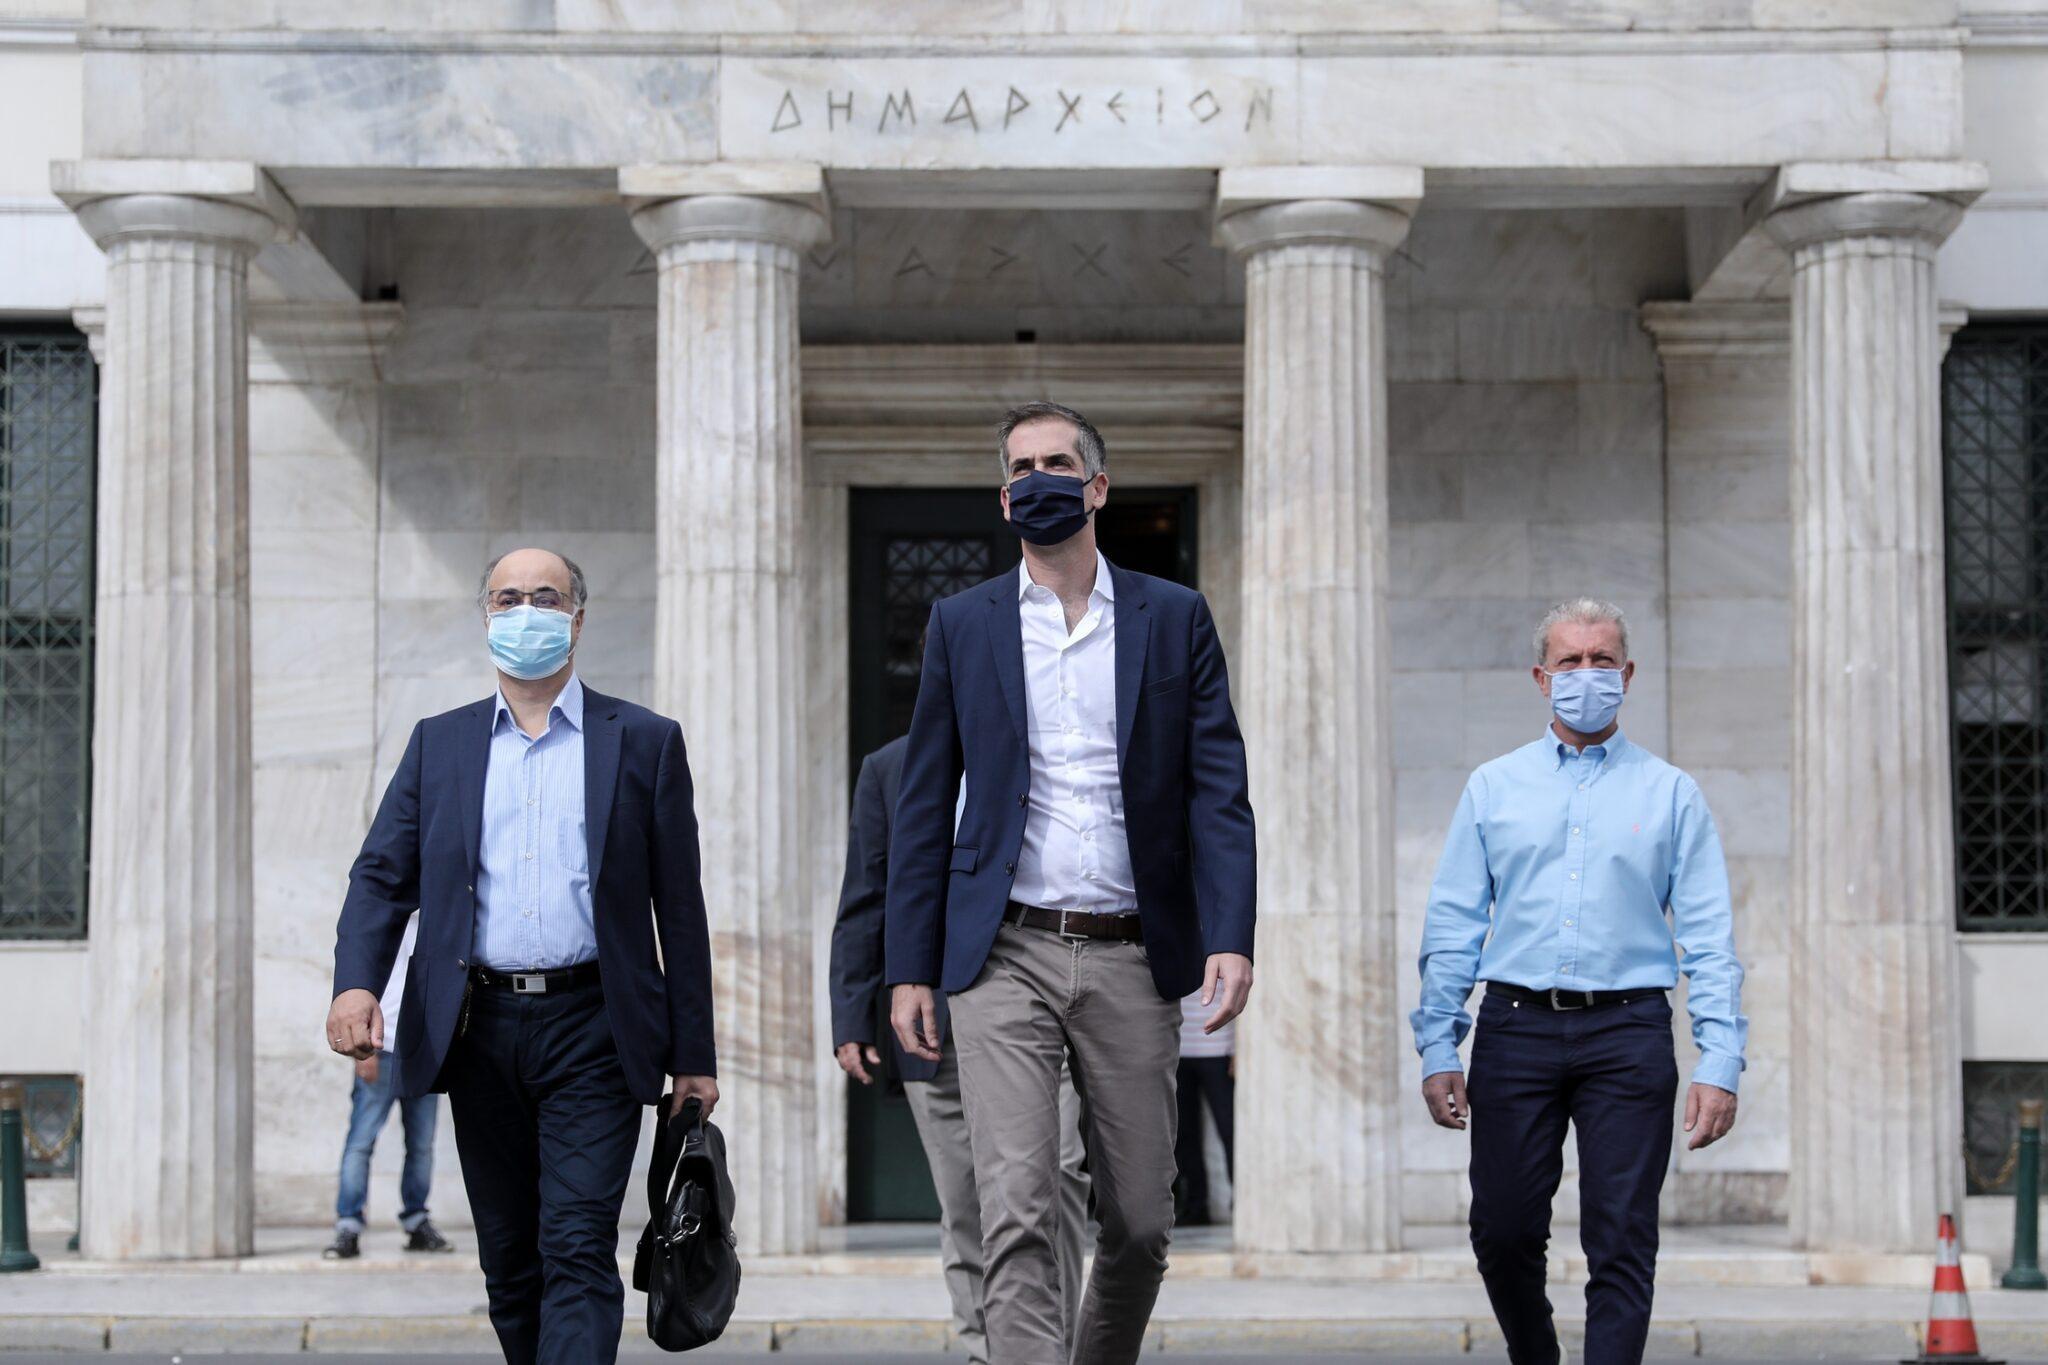 Στον Guardian η πρωτοβουλία Μπακογιάννη για την τοποθέτηση υπευθύνου για την υπερθέρμανση στην Αθήνα – Η πρώτη κίνηση στην Ευρώπη